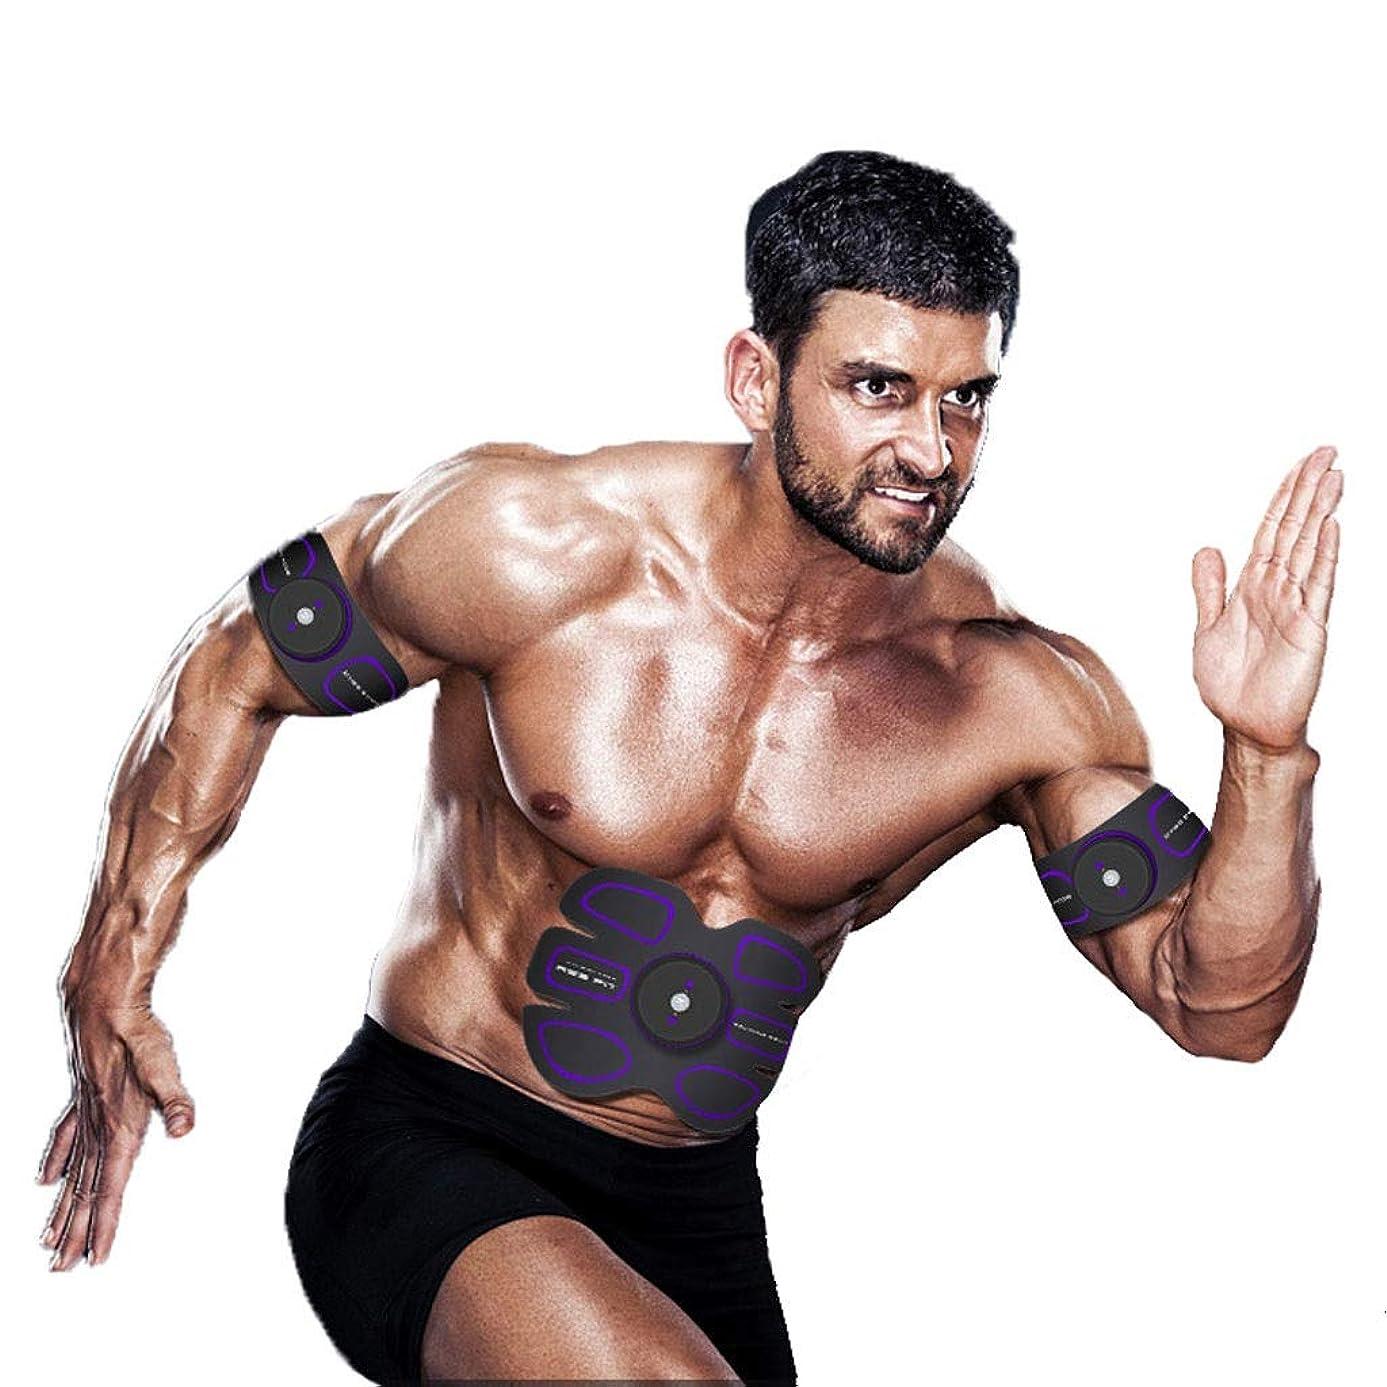 和解するスノーケル影響を受けやすいですEMS ABSトレーナー、腹部調色ベルトAbトナーEMSマッスルスティミュレーター、マッスルトナーフィットネストレーニングギア(男性用)女性腹部&アーム&レッグトレーナー